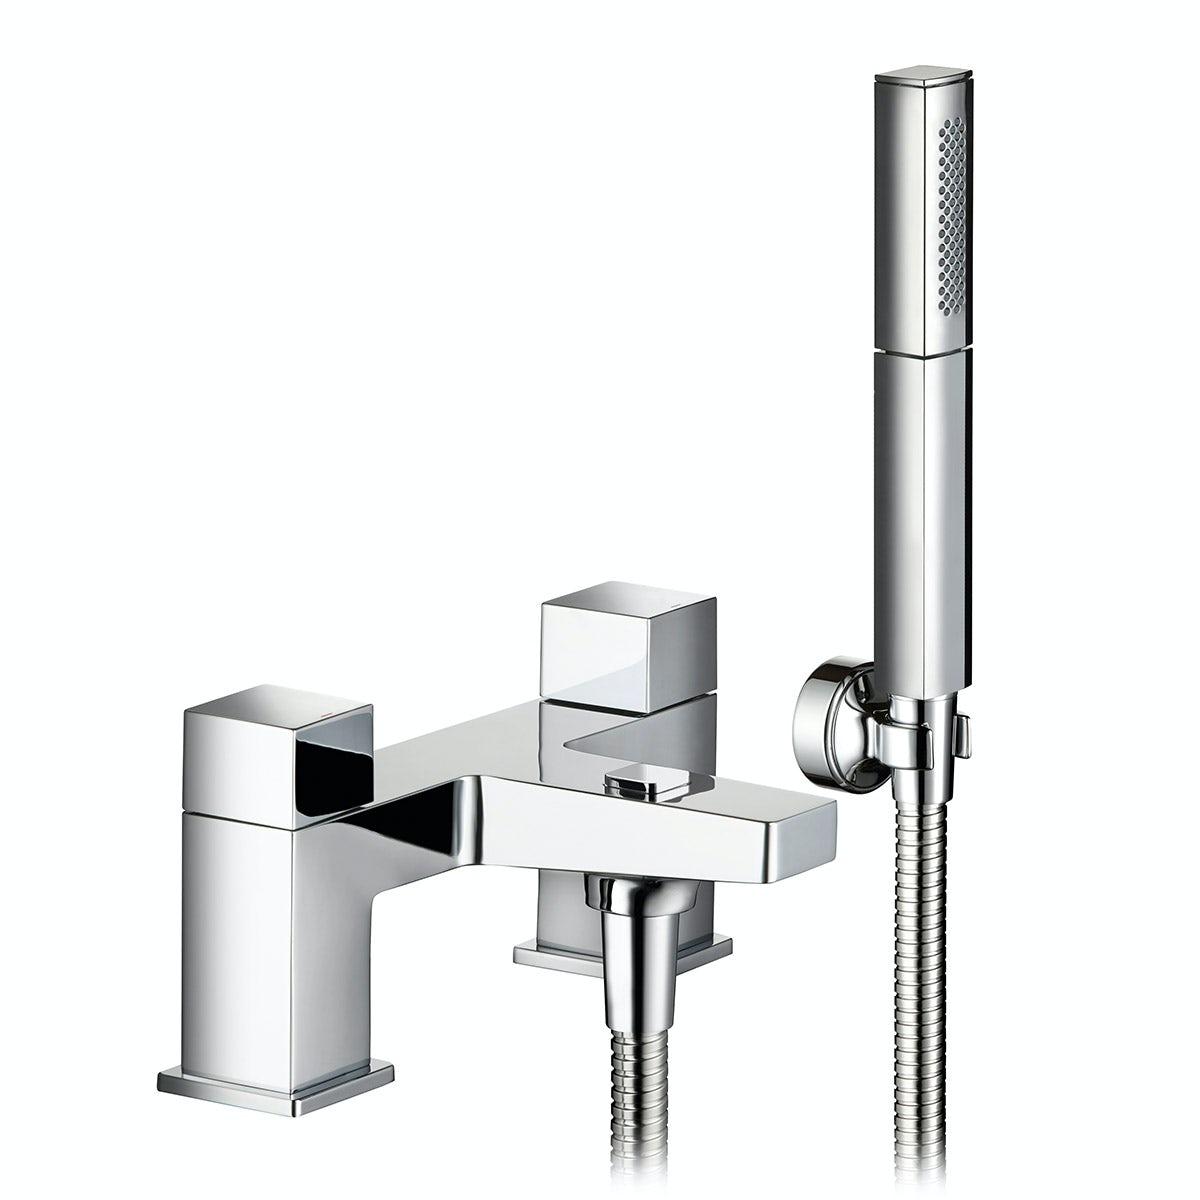 mira honesty bath shower mixer tap victoriaplum com free delivery mira honesty bath shower mixer tap